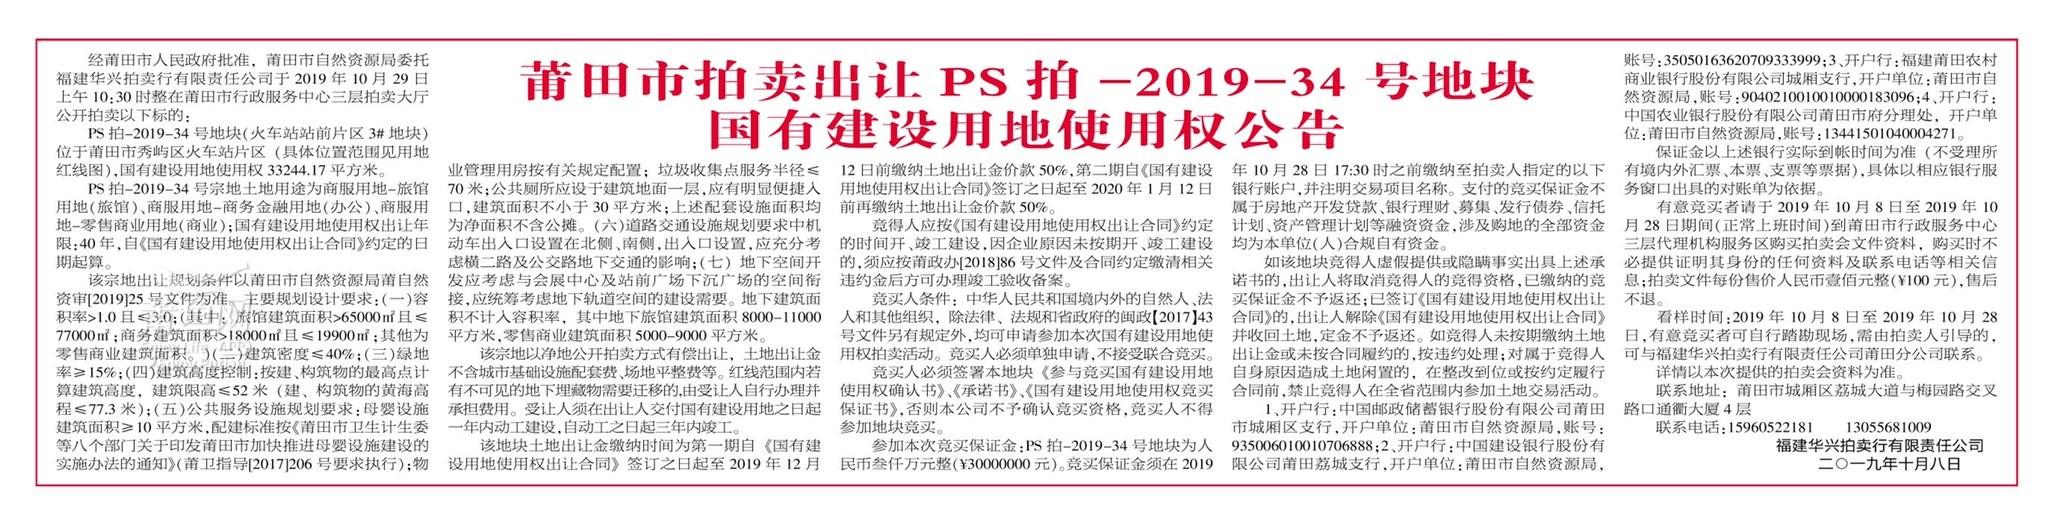 PS 拍-2019-33 号地块(清塘大道北侧地块五)